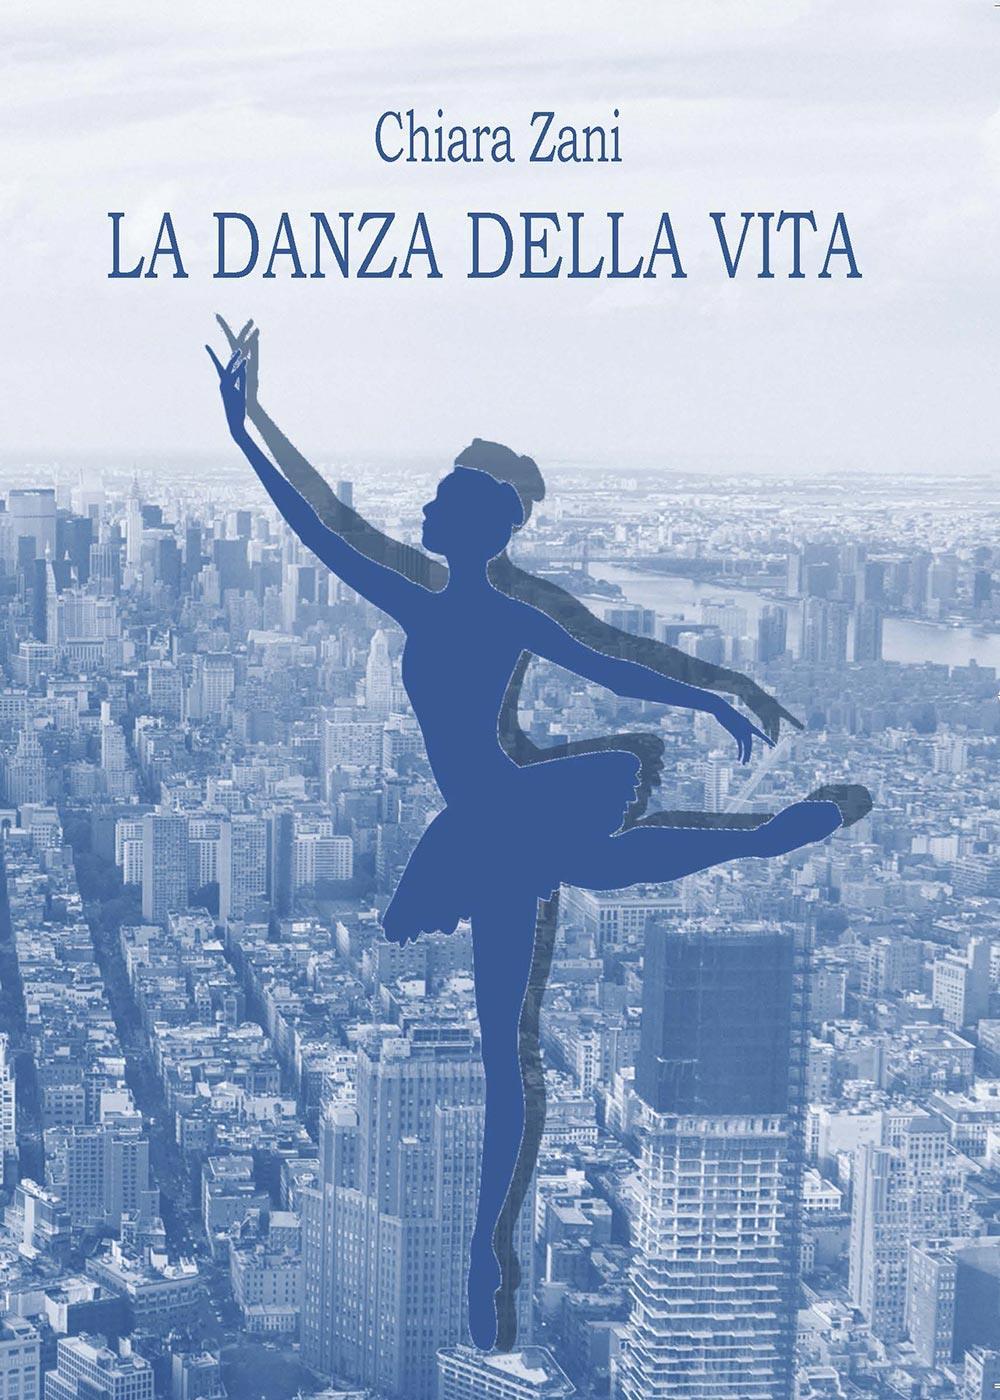 La danza della vita